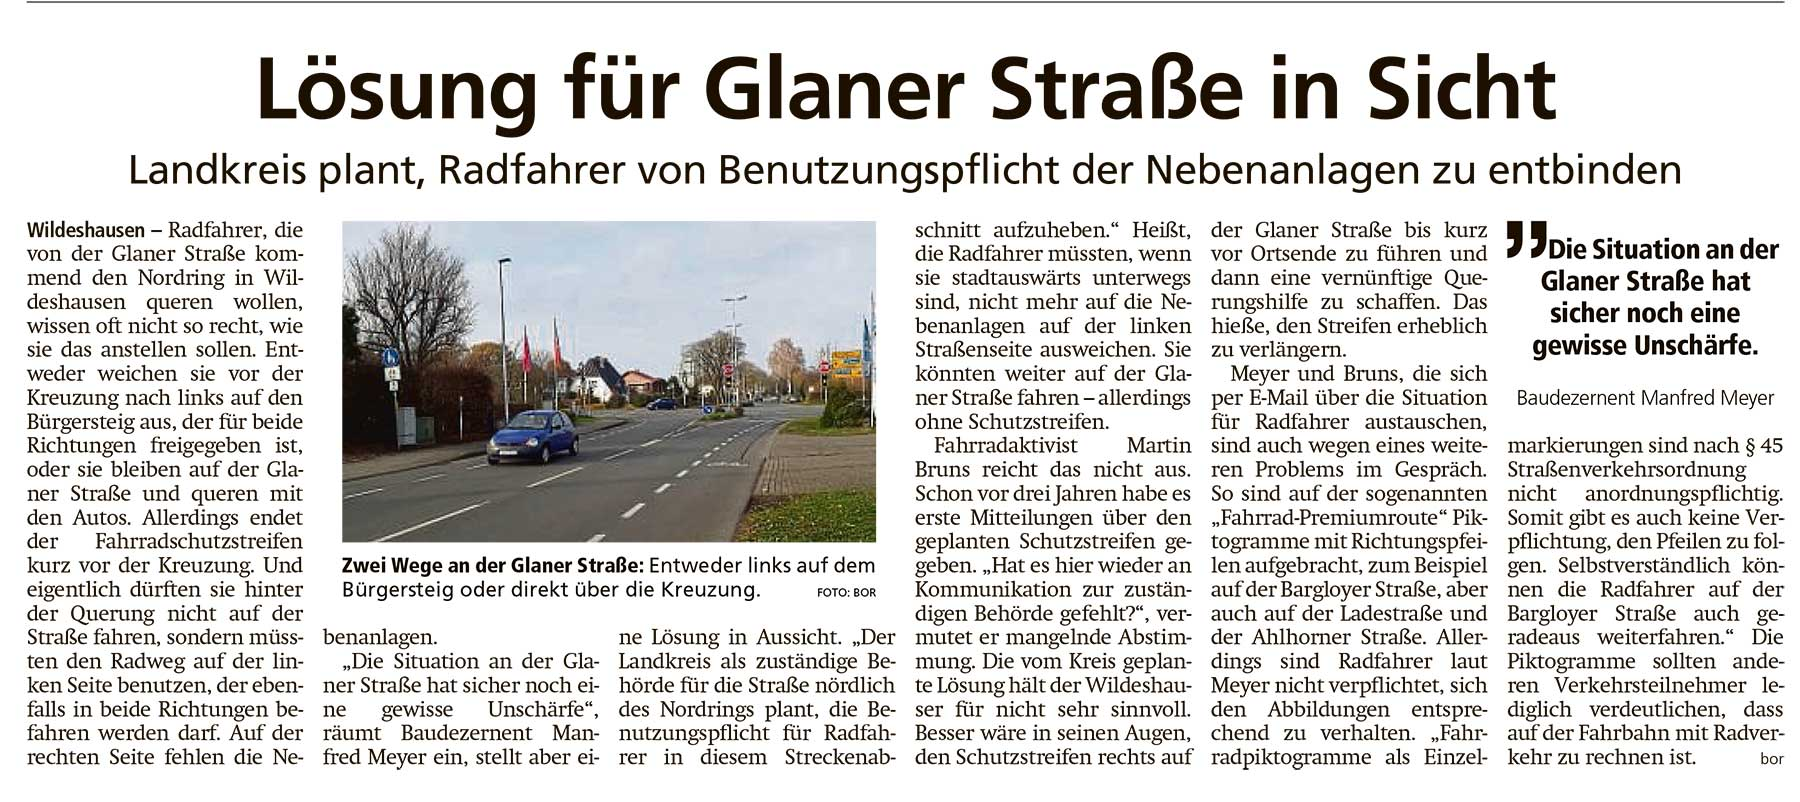 Lösung für Glaner Straße in SichtLandkreis plant, Radfahrer von Benutzungspflicht der Nebenanlagen zu entbindenArtikel vom 26.11.2020 (WZ)